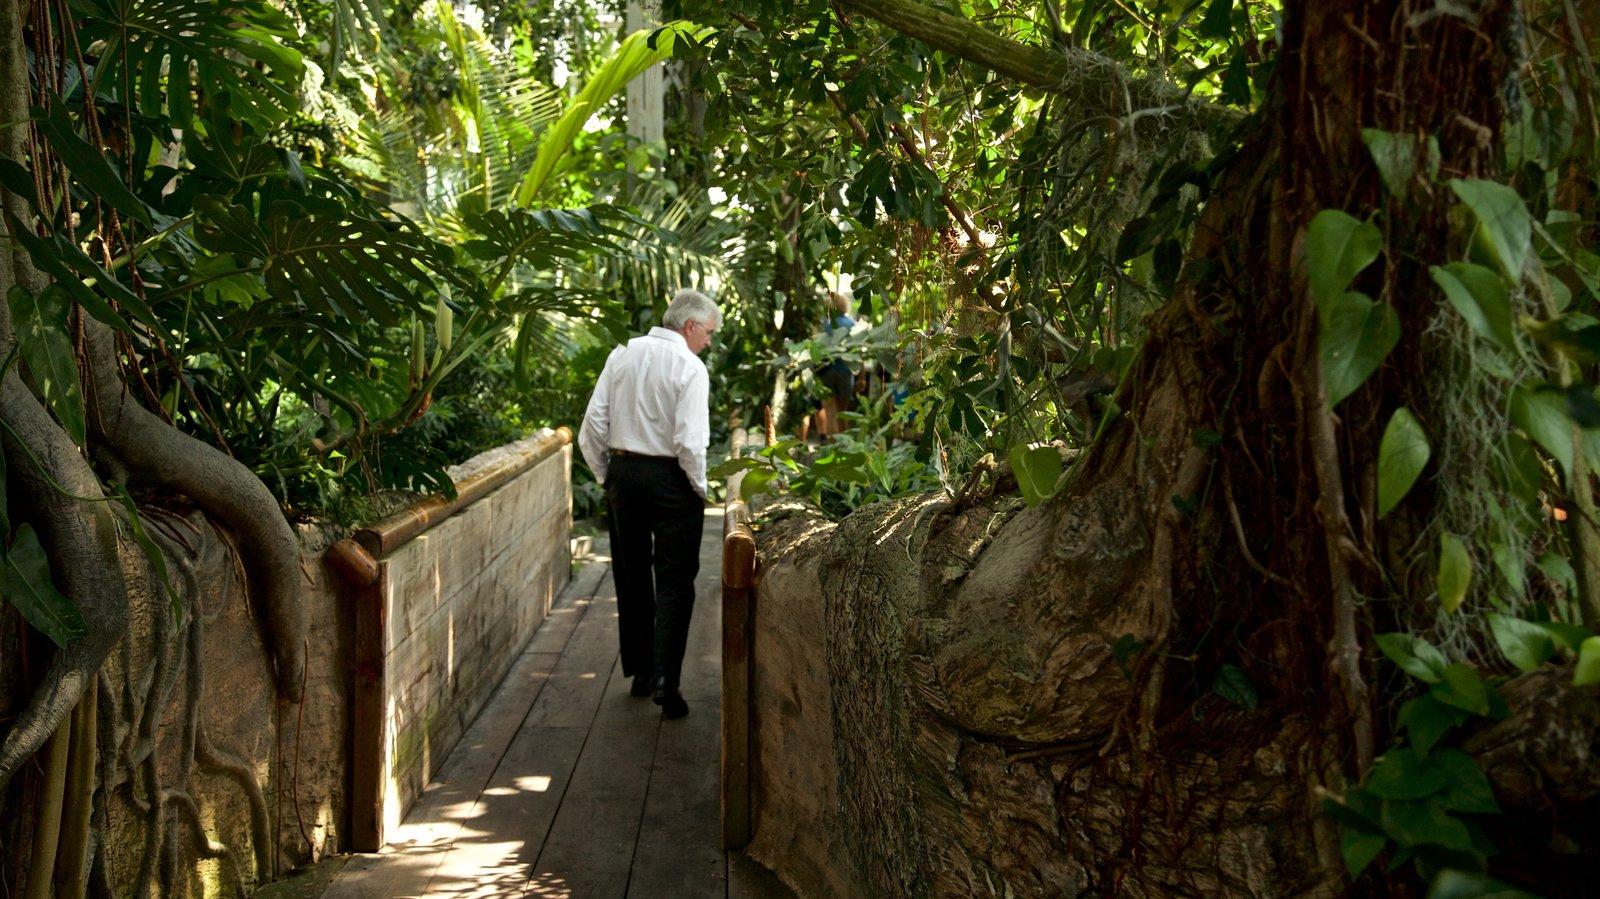 United States Botanic Garden mostrando um parque assim como um homem sozinho